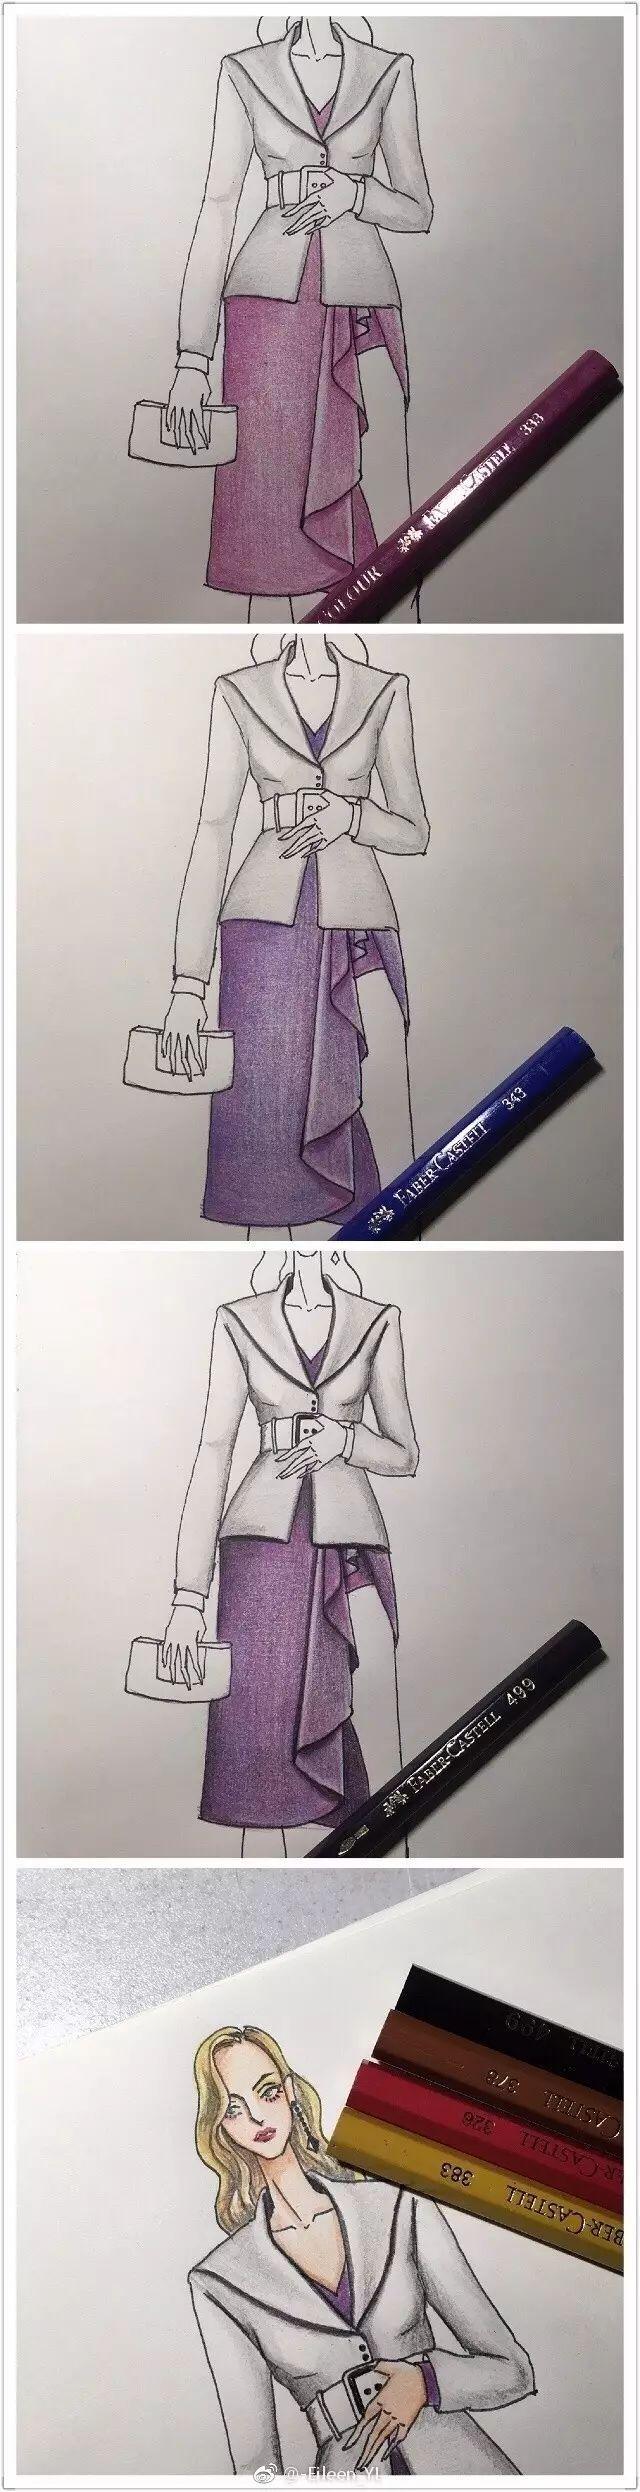 超详细彩铅手绘服饰教程!不能错过!-服装时尚资讯--网